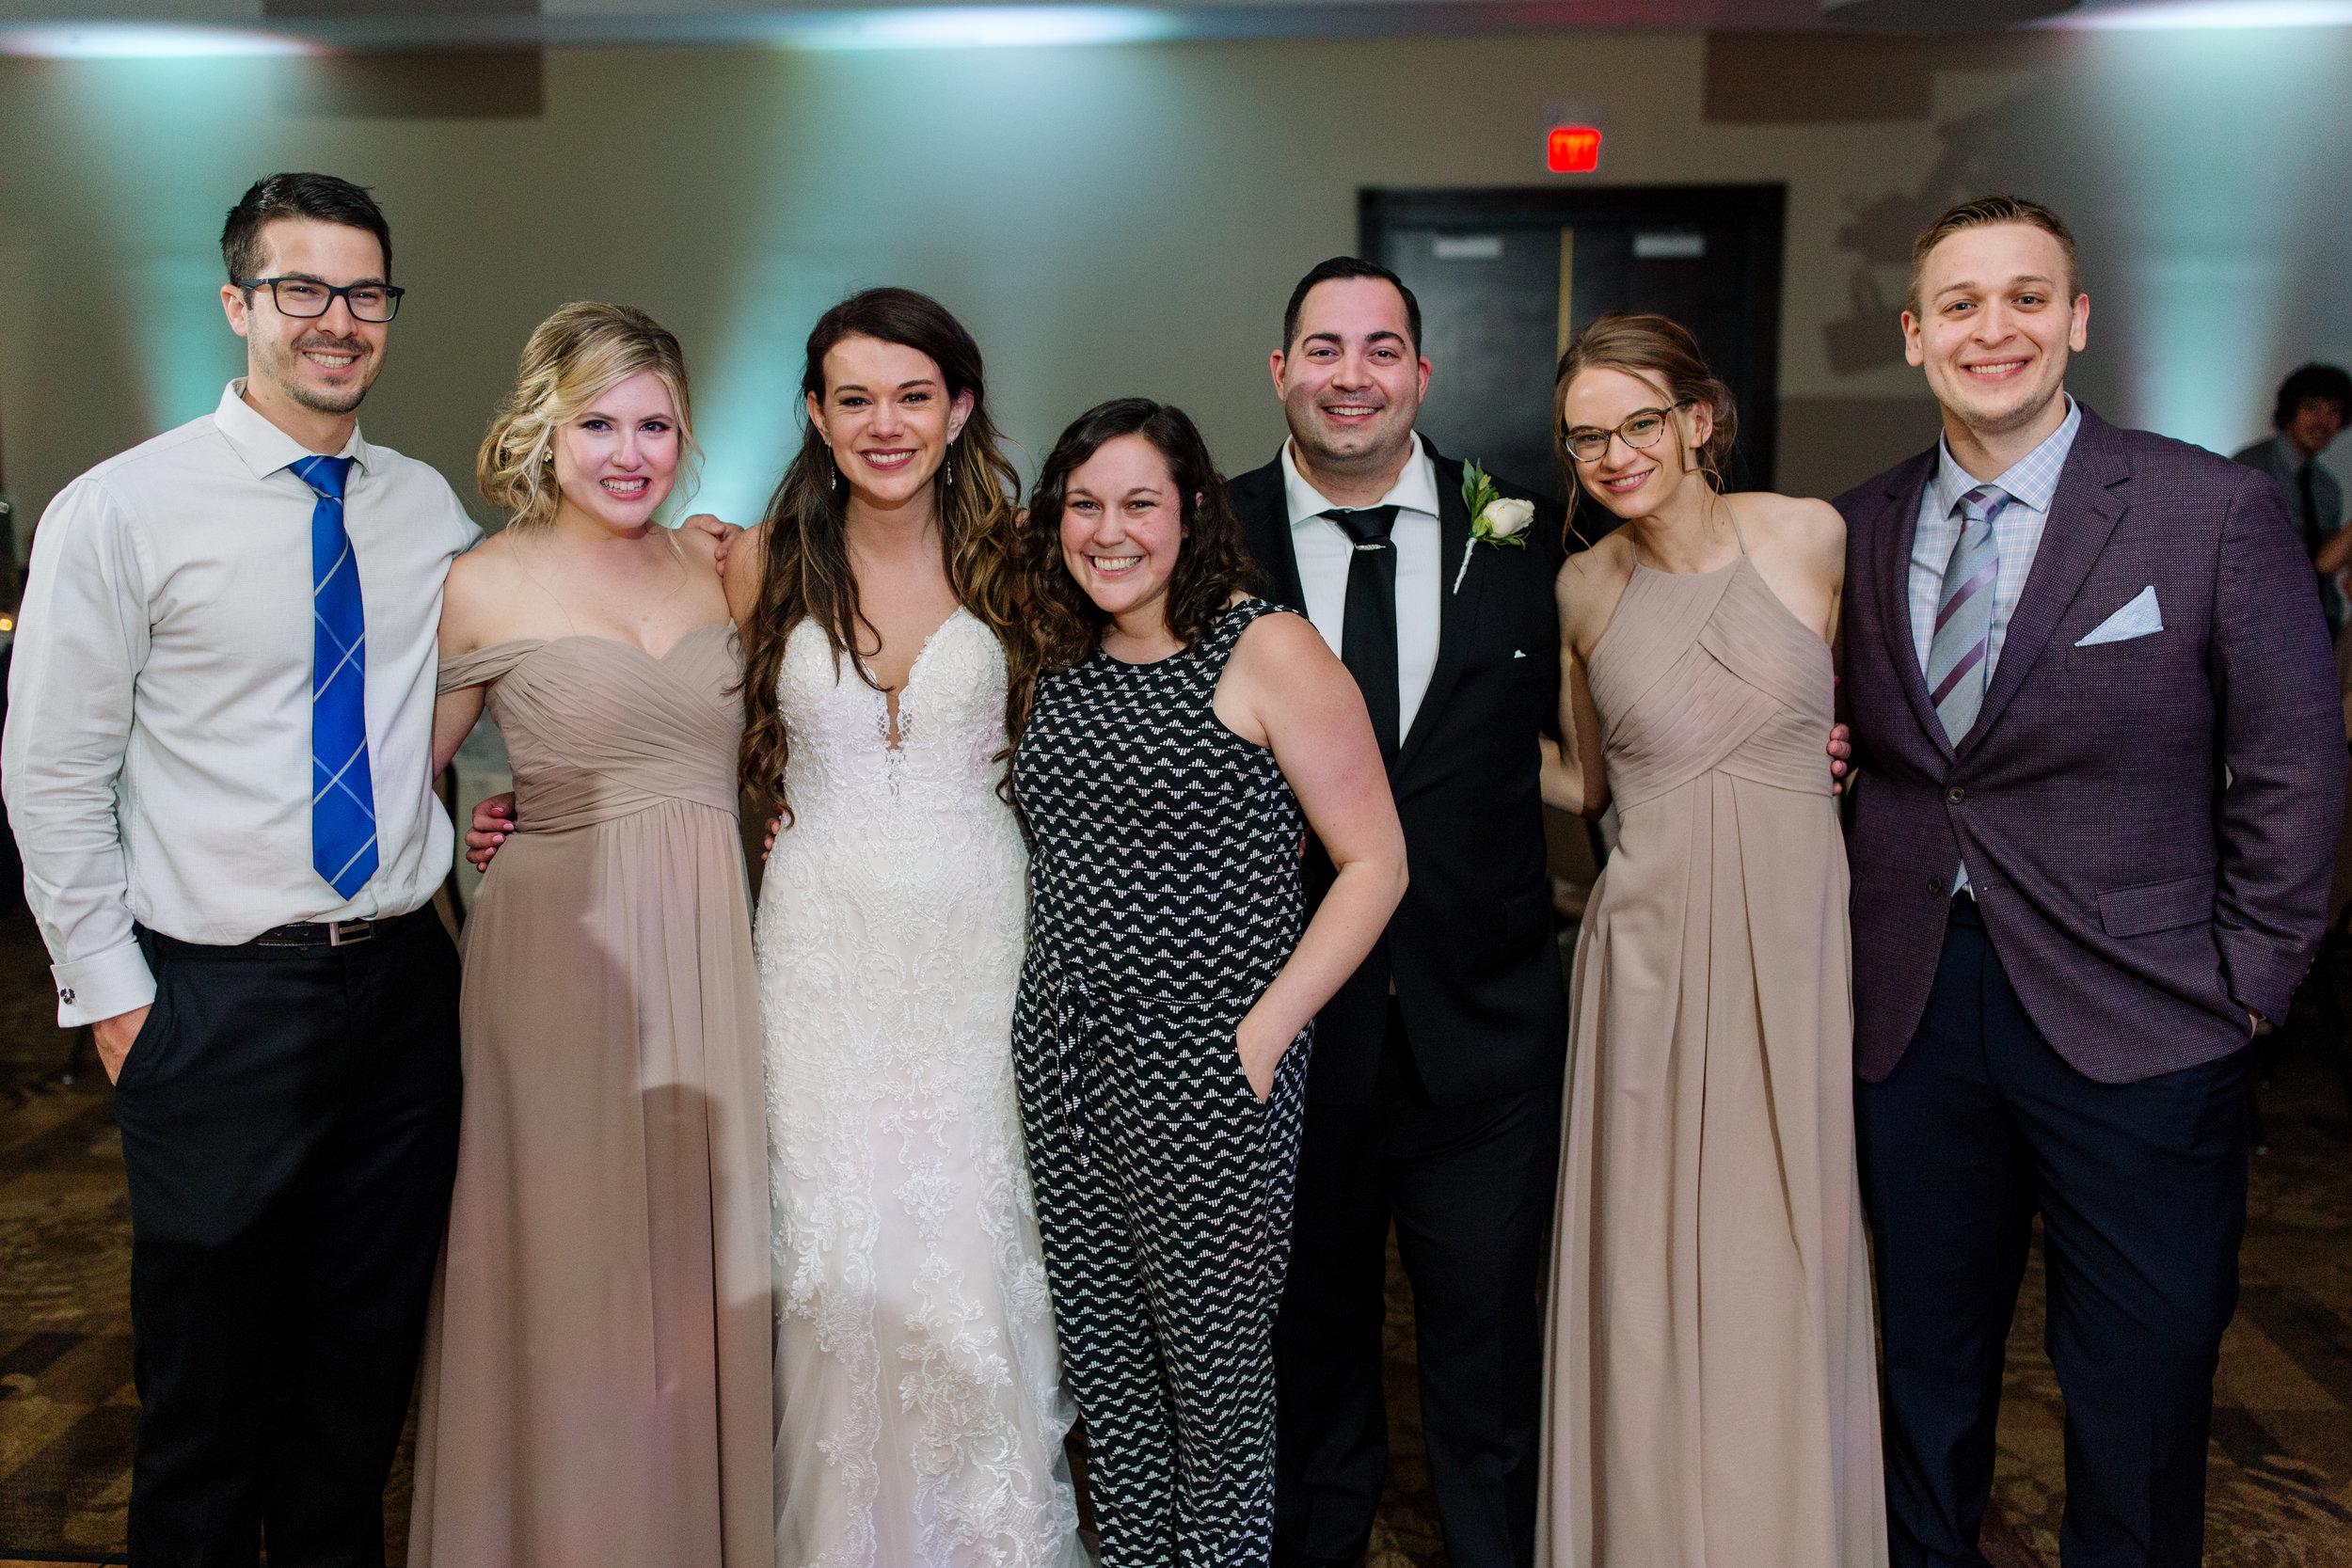 Beth-Wladyka-Daniel-Nieser-wedding-20190601-678.jpg